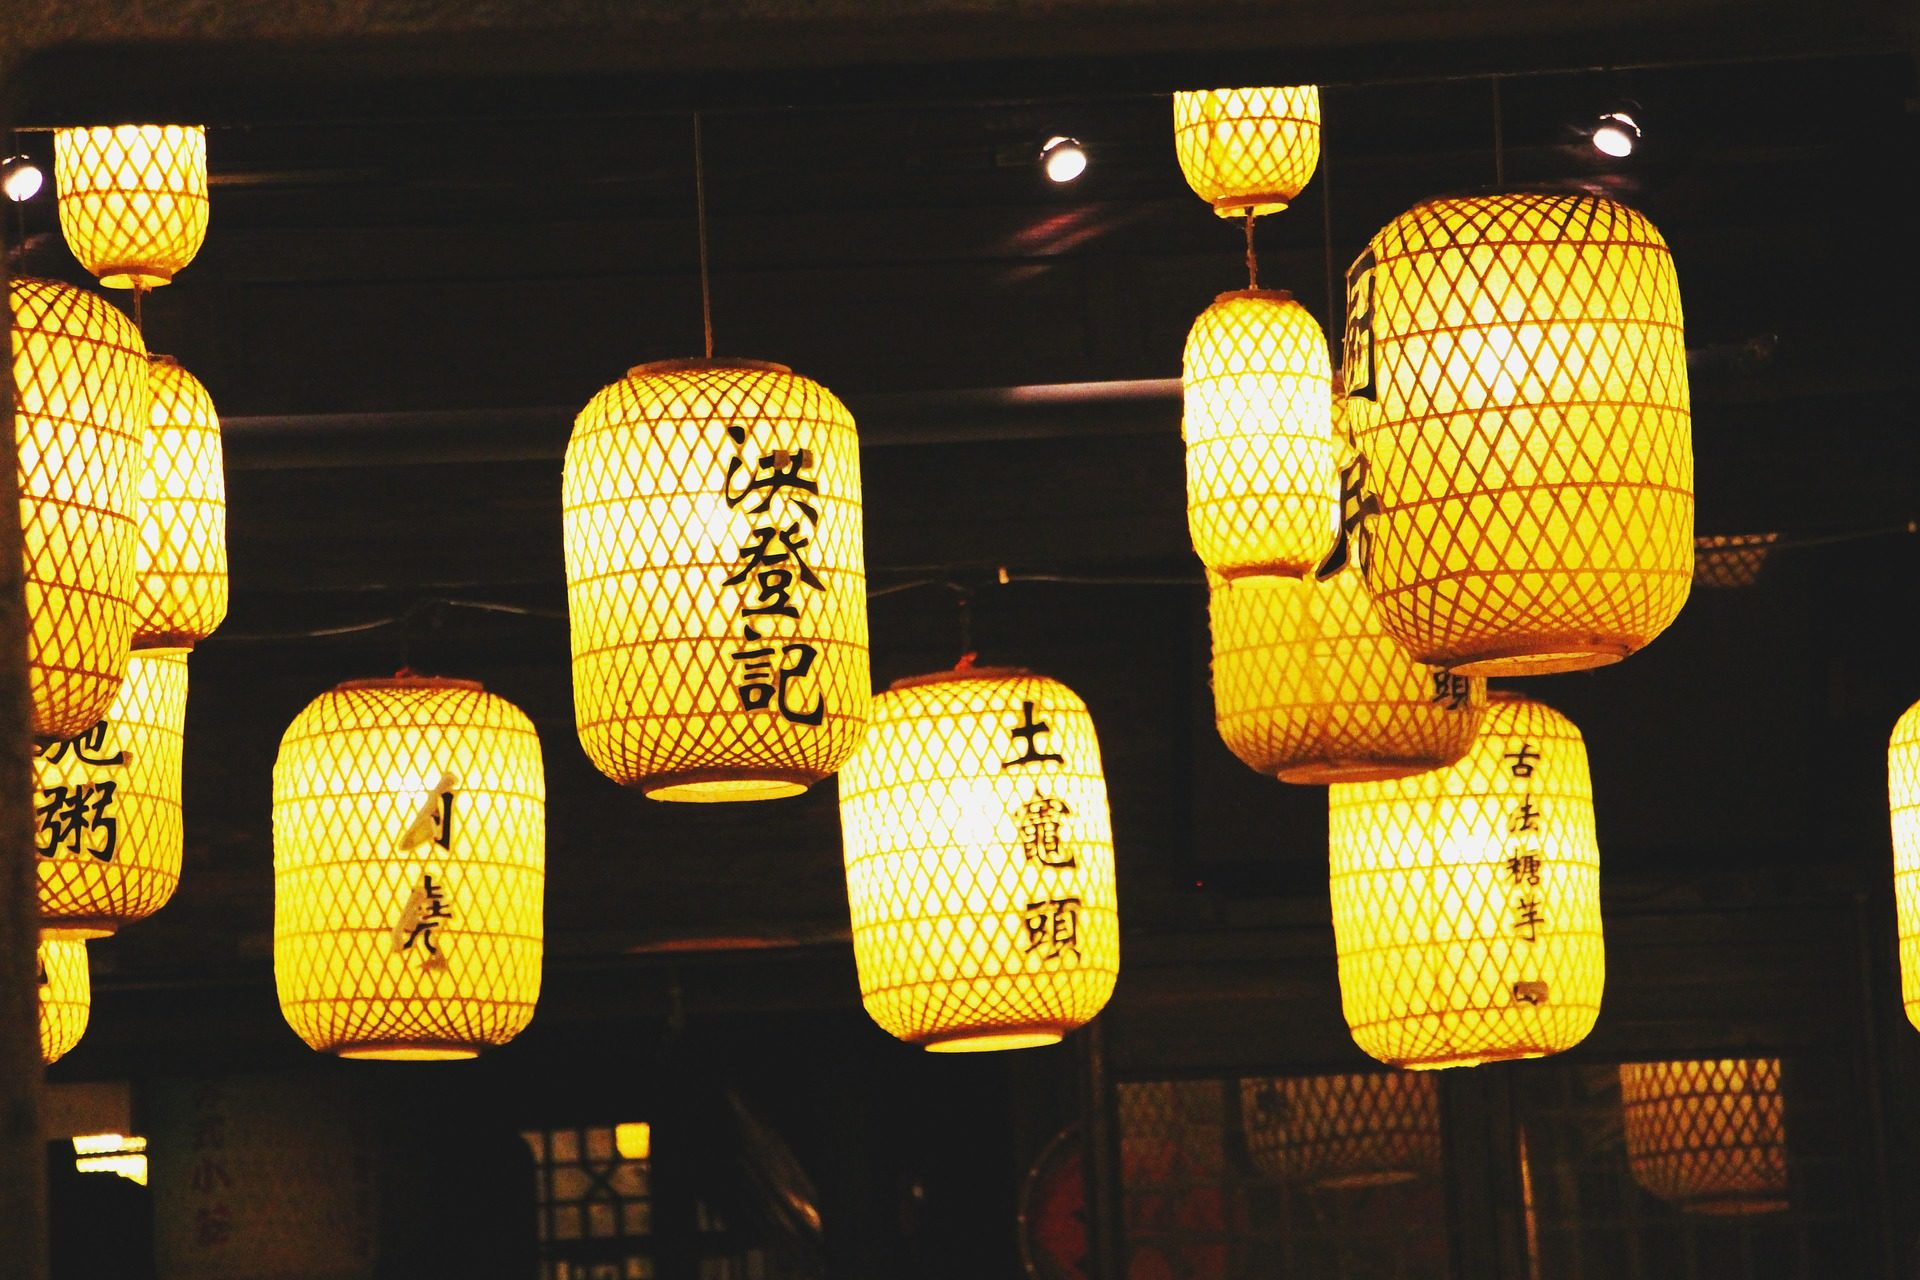 灯, 灯具, 中国的灯笼, 铭文, 祖先, 海关 - 高清壁纸 - 教授-falken.com